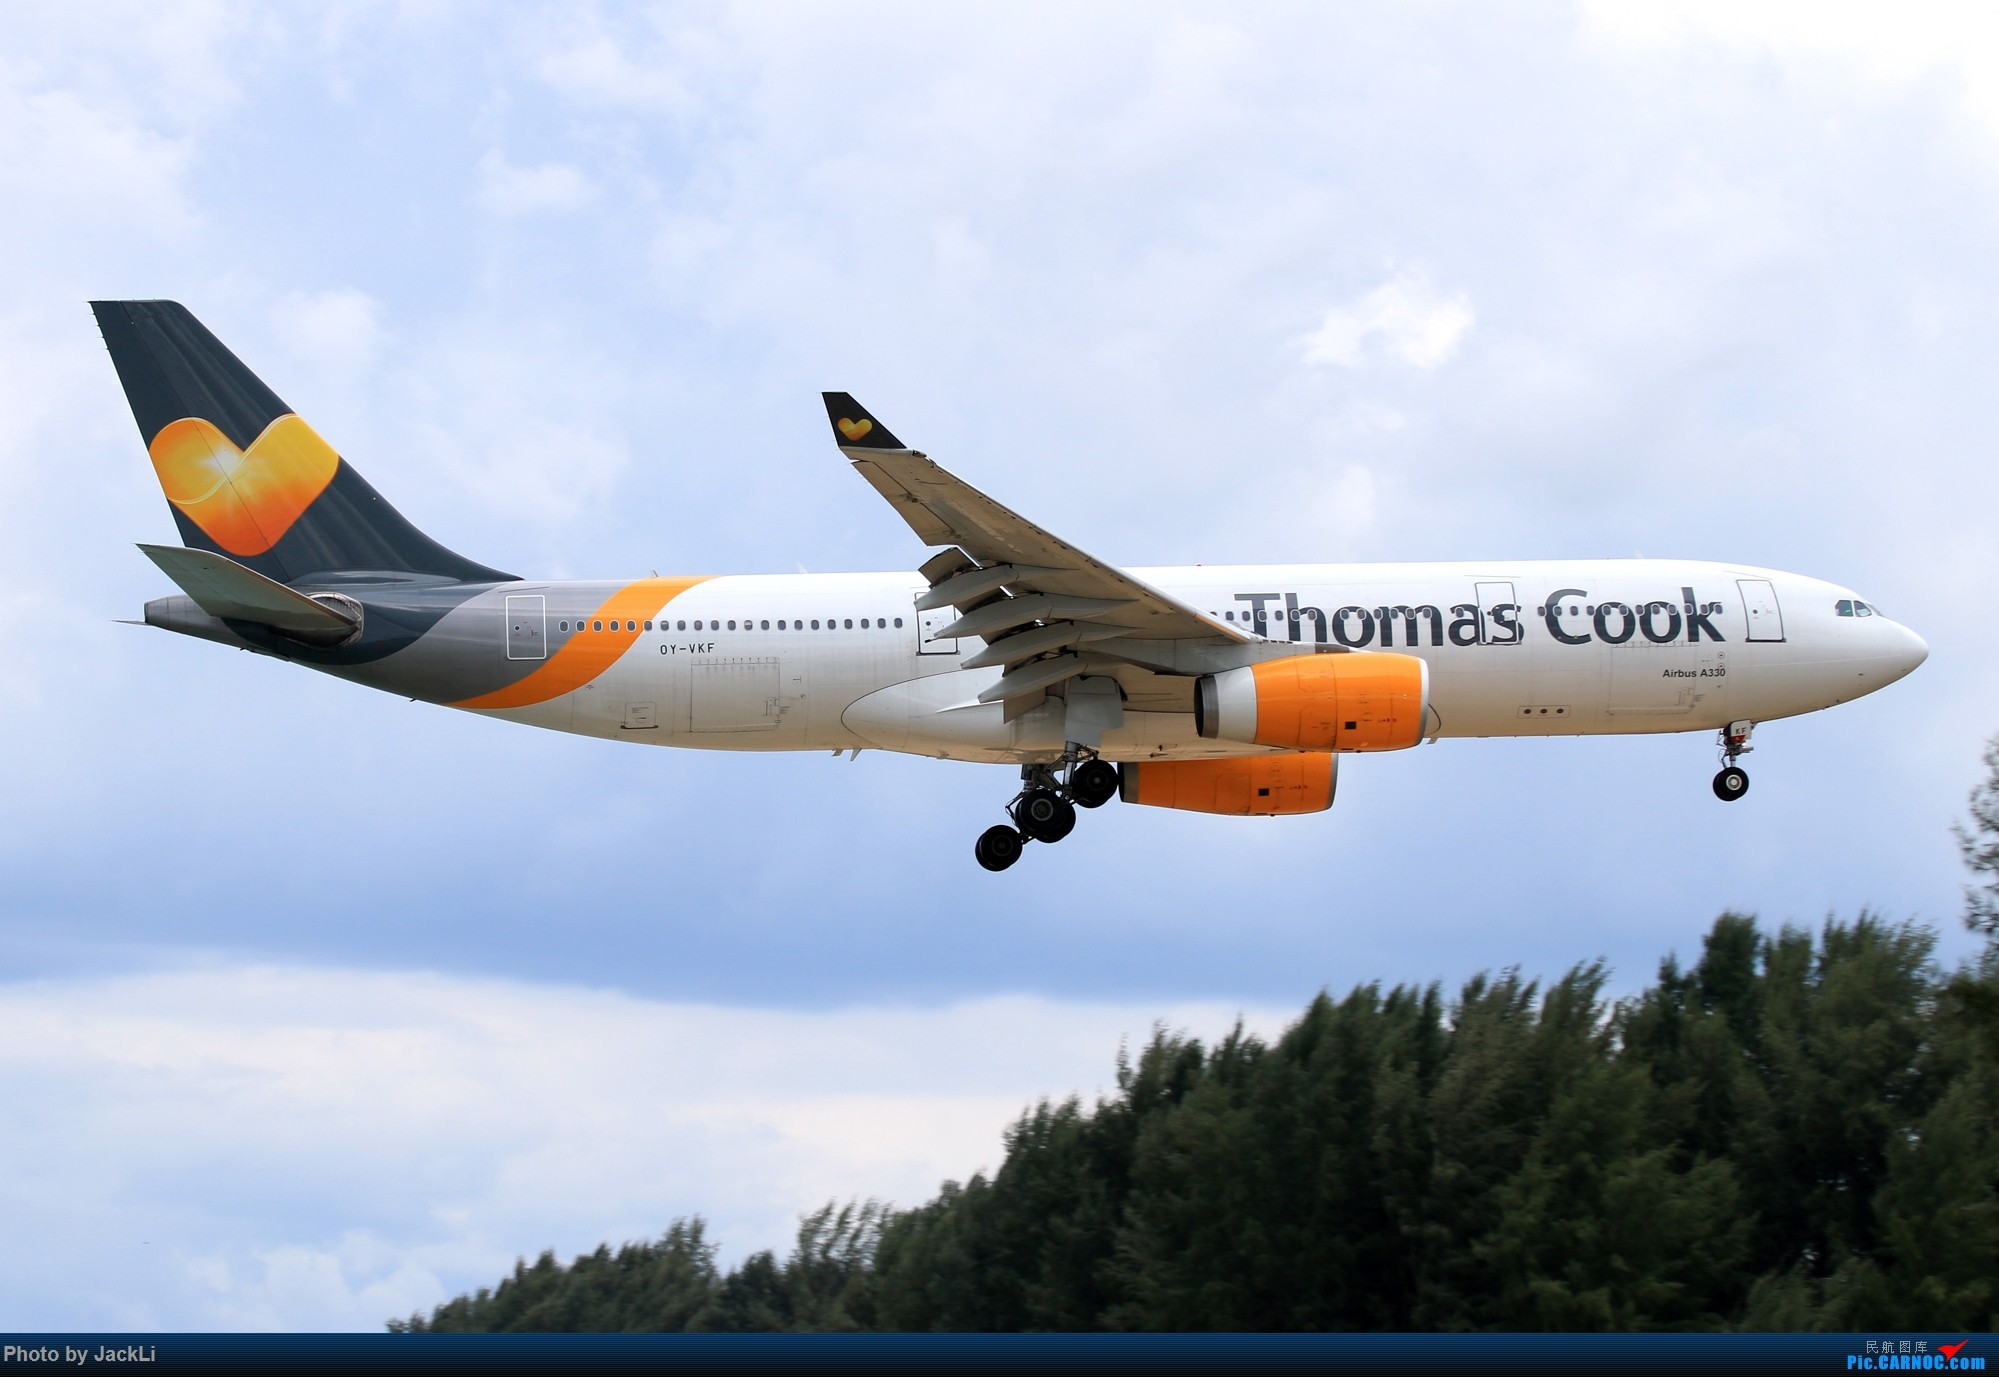 Re:[原创]【JackLi】亚洲圣马丁~普吉岛机场拍机 AIRBUS A330-200 OY-VKF 泰国普吉机场